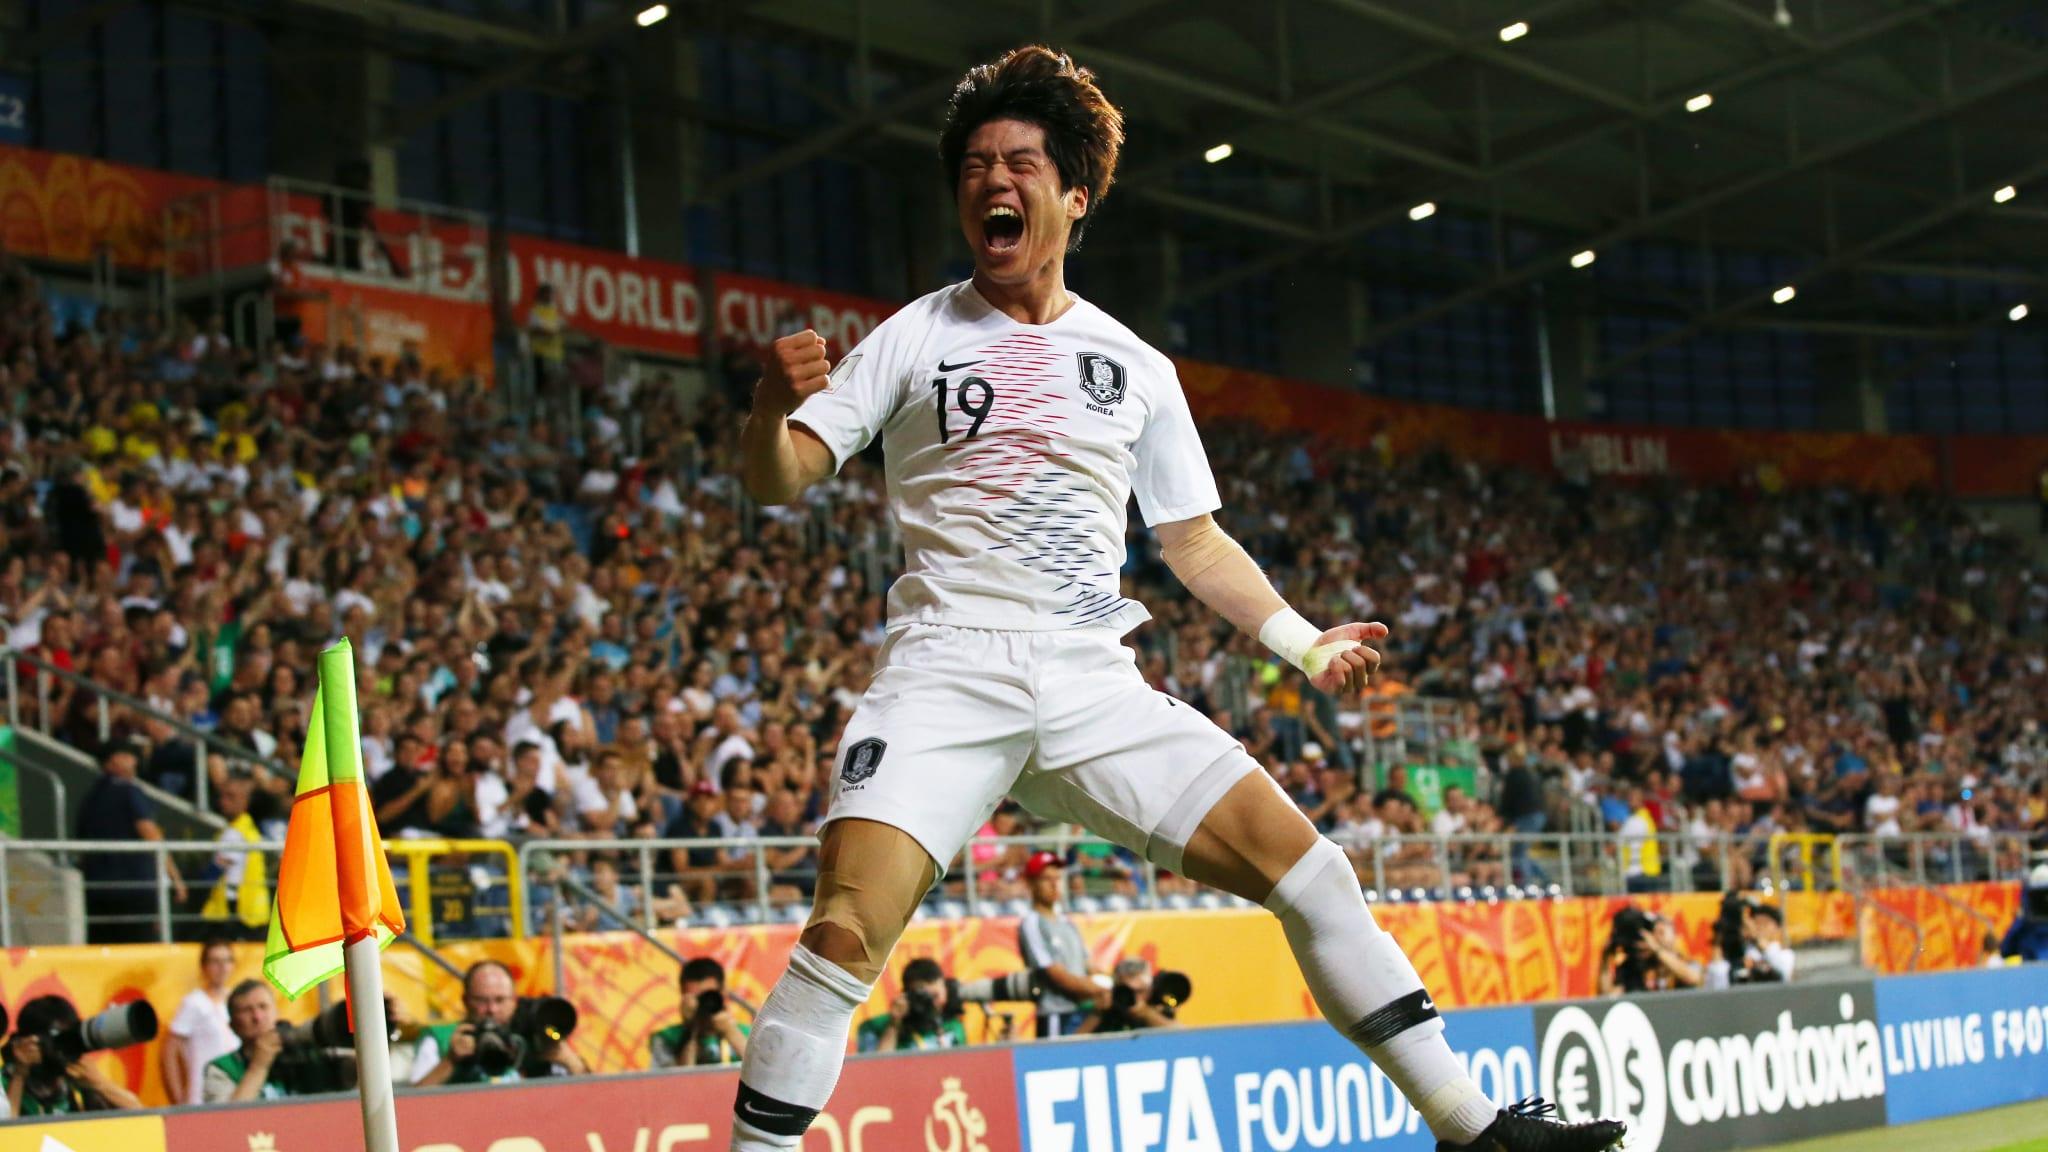 한국축구 기적의 결승진출 U-20 월드컵 우크라이나와 우승 대결!